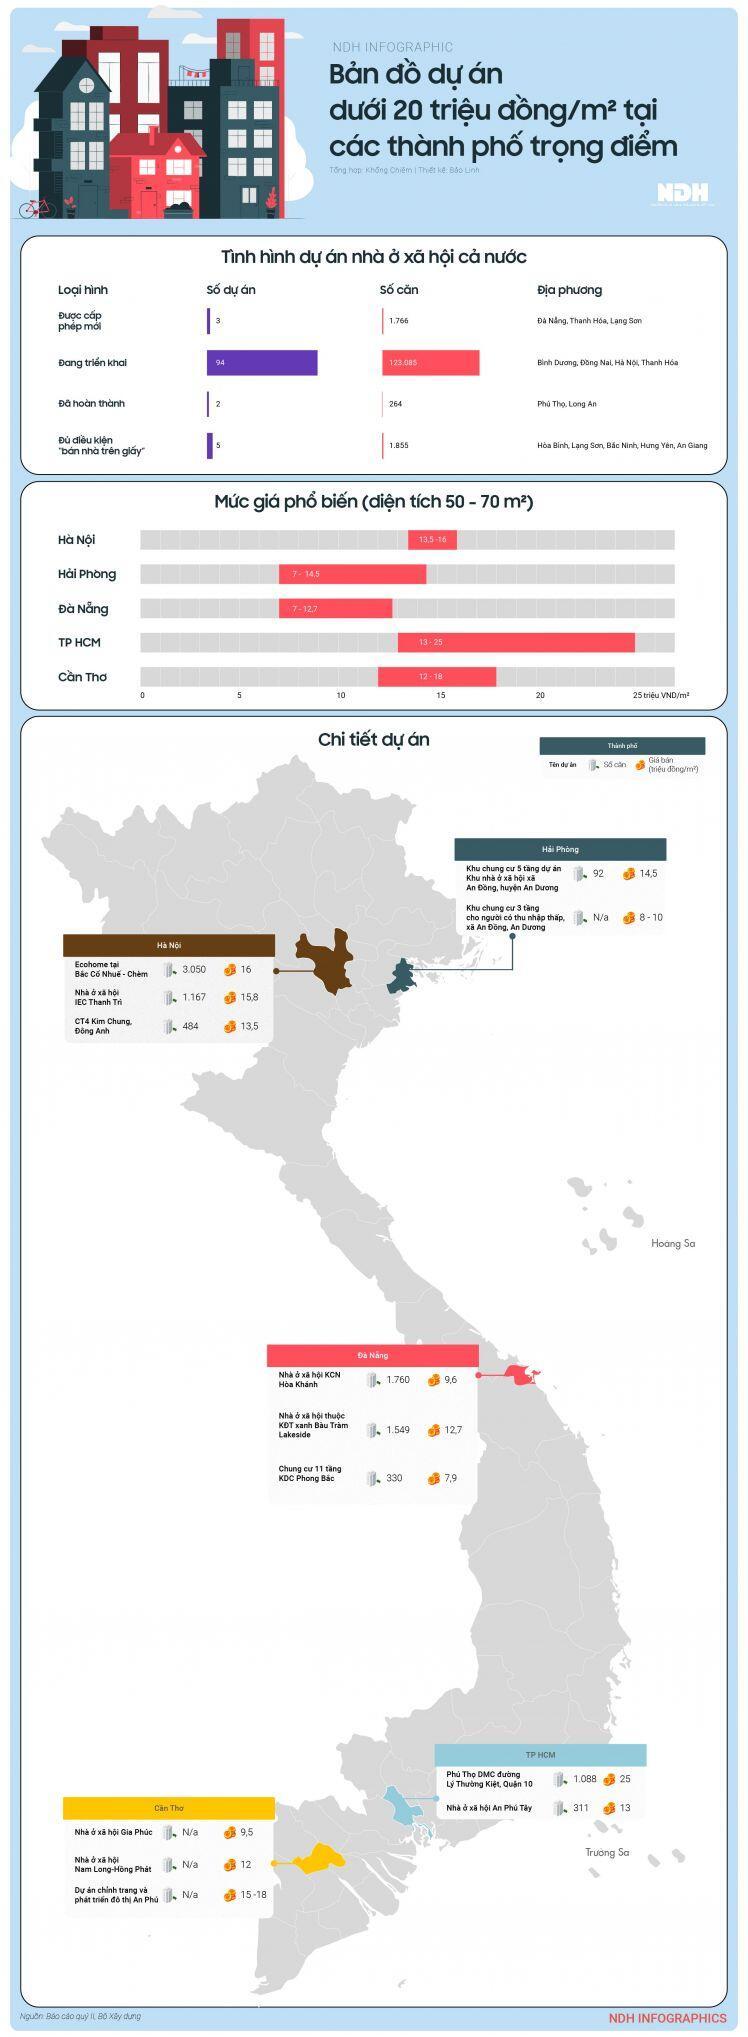 Bản đồ dự án dưới 20 triệu đồng/m2 tại các thành phố trọng điểm